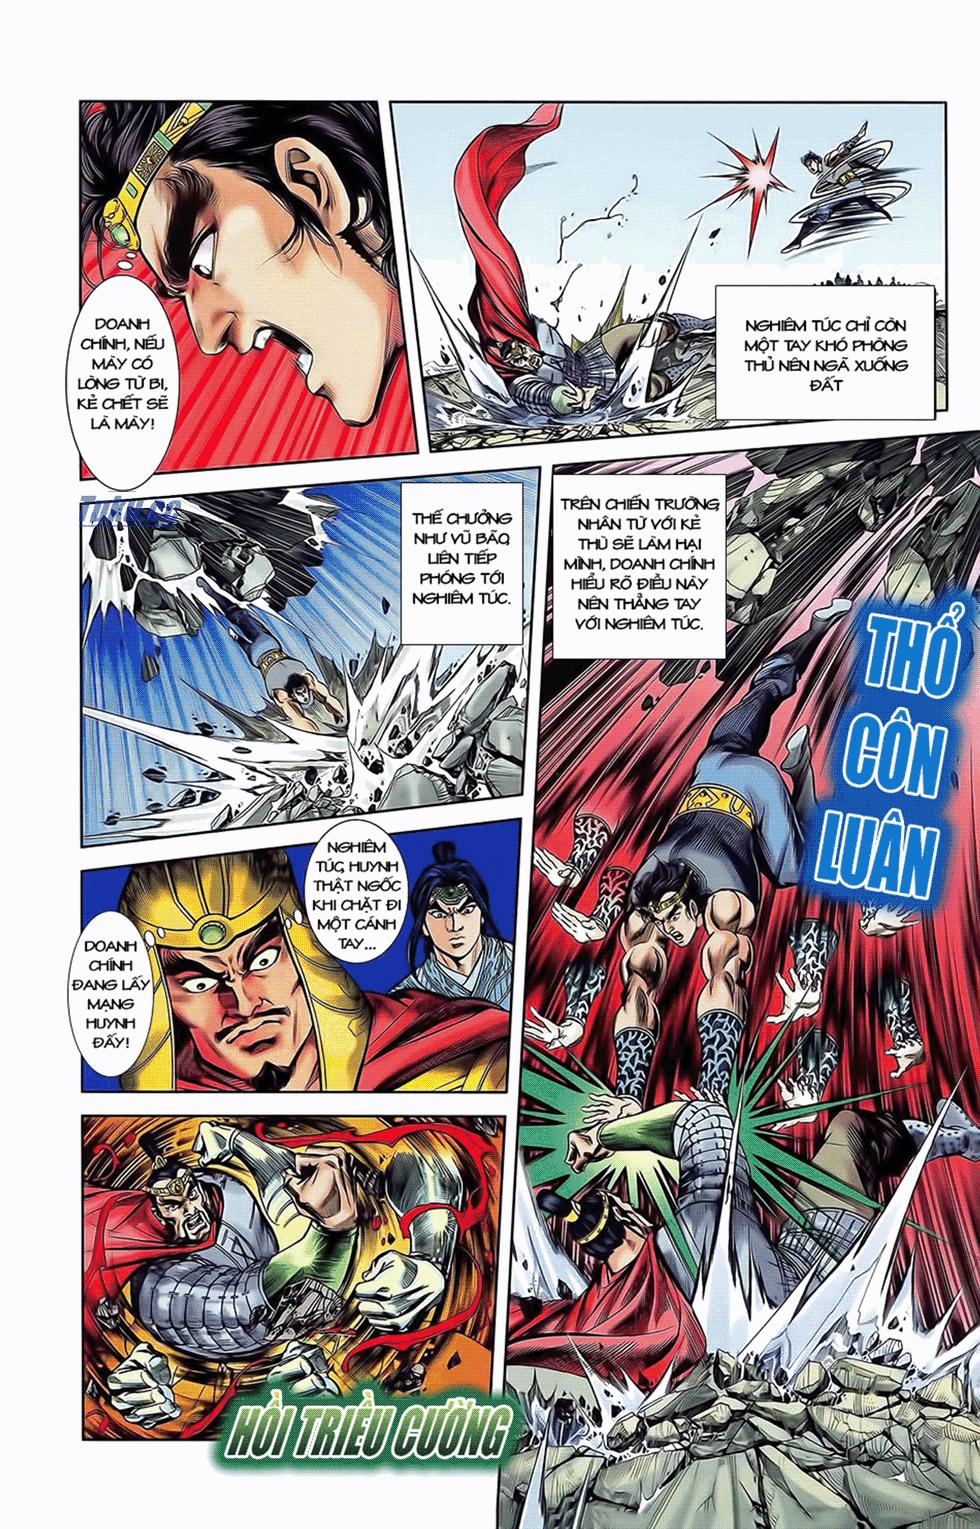 Tần Vương Doanh Chính chapter 11 trang 7